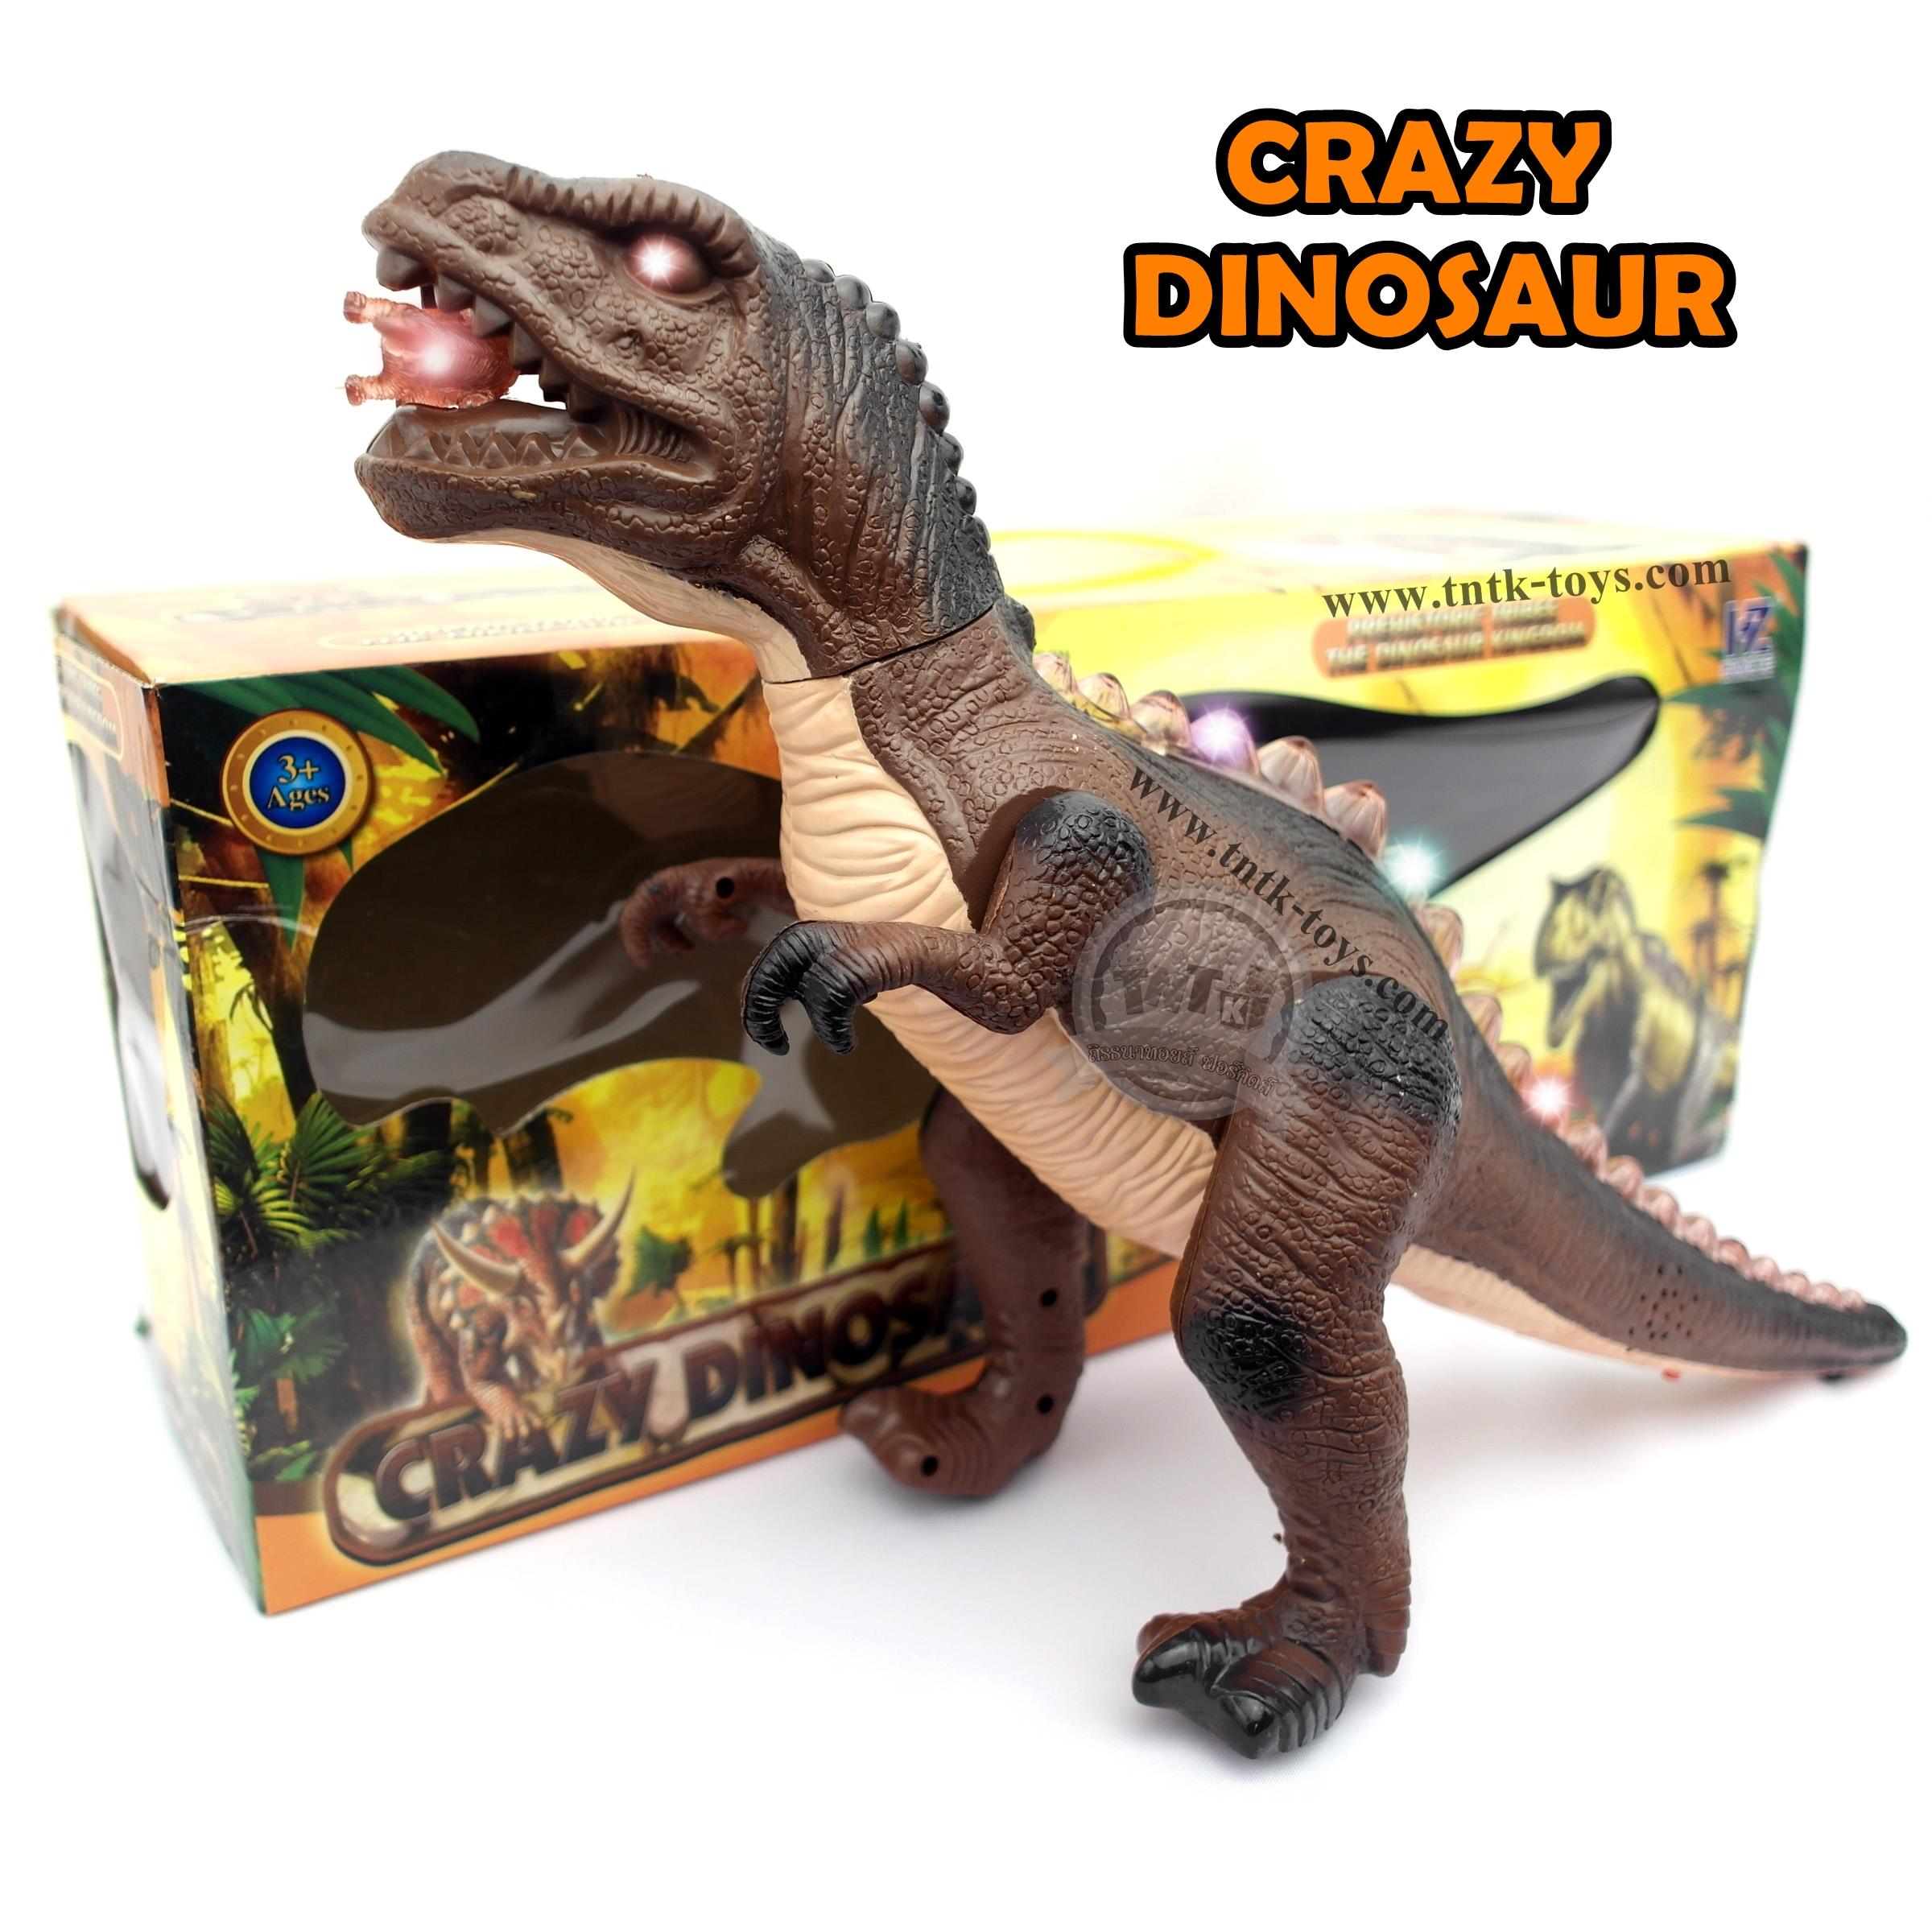 ไดโนเสาร์คาบลูกเดินได้มีเสียงมีไฟ (ตัวใหญ่)